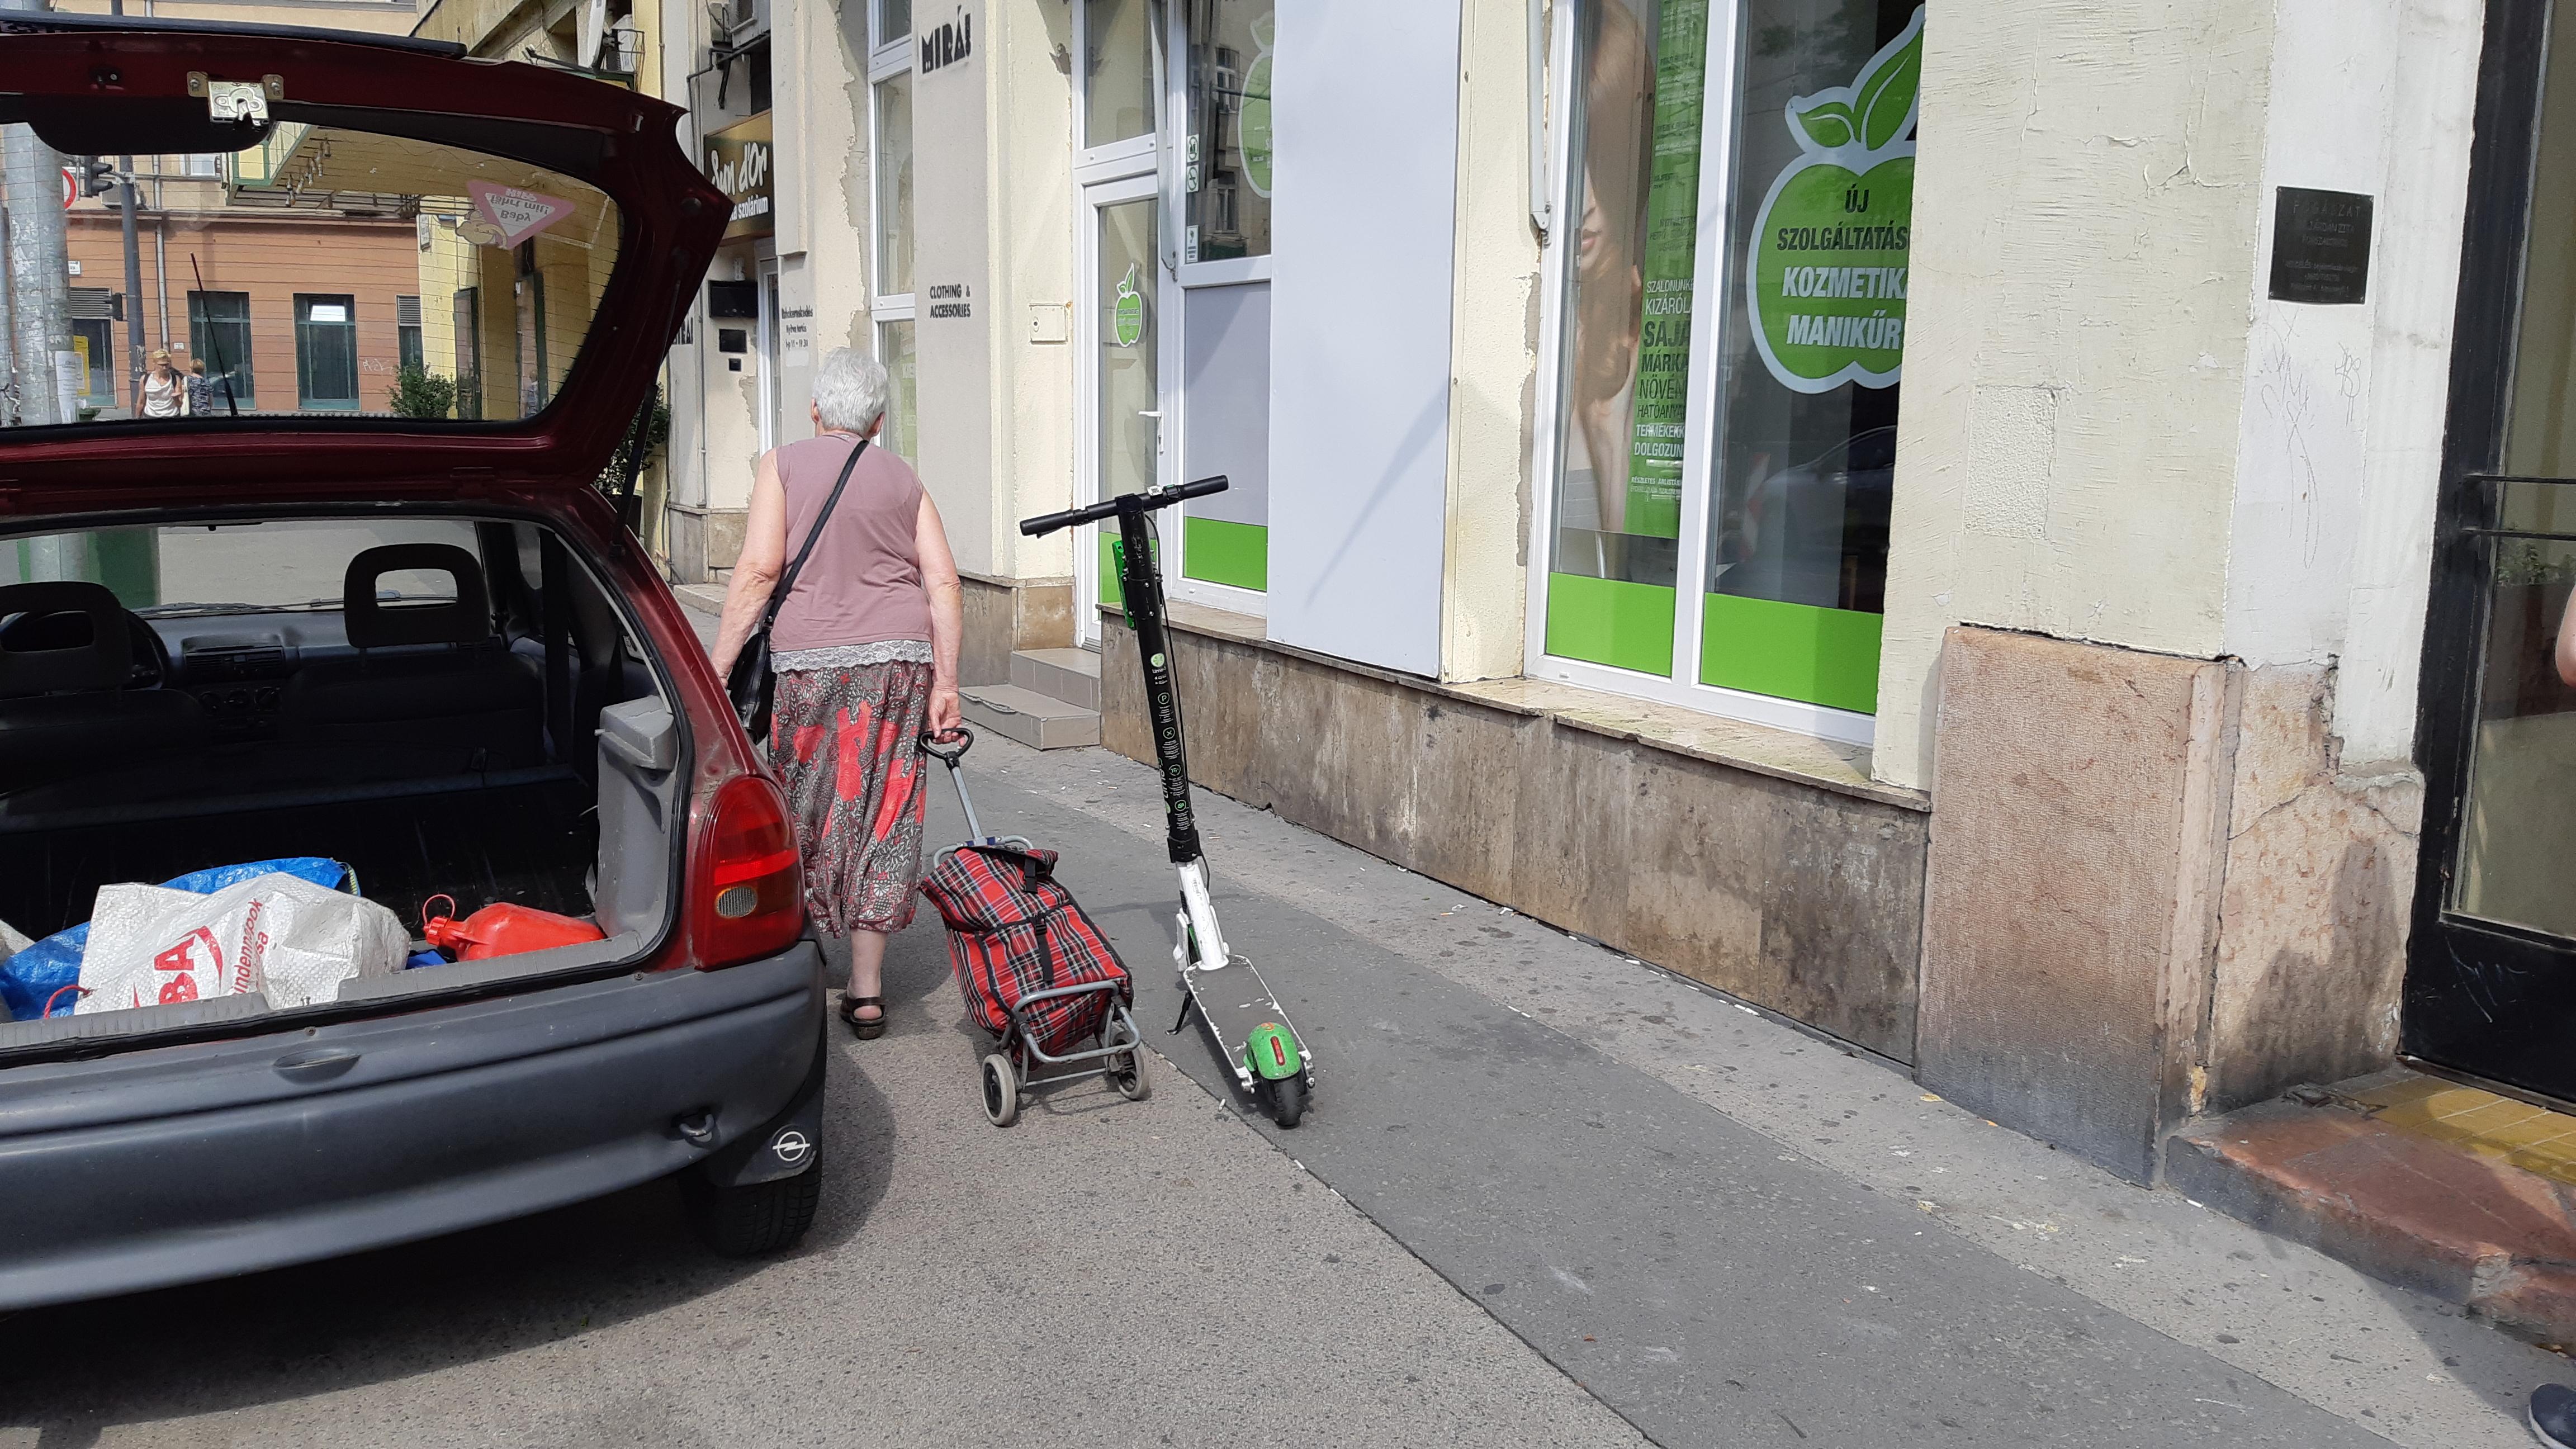 Már alig férnek el az elektromos rollerek a gyalogosoktól az utcán :(